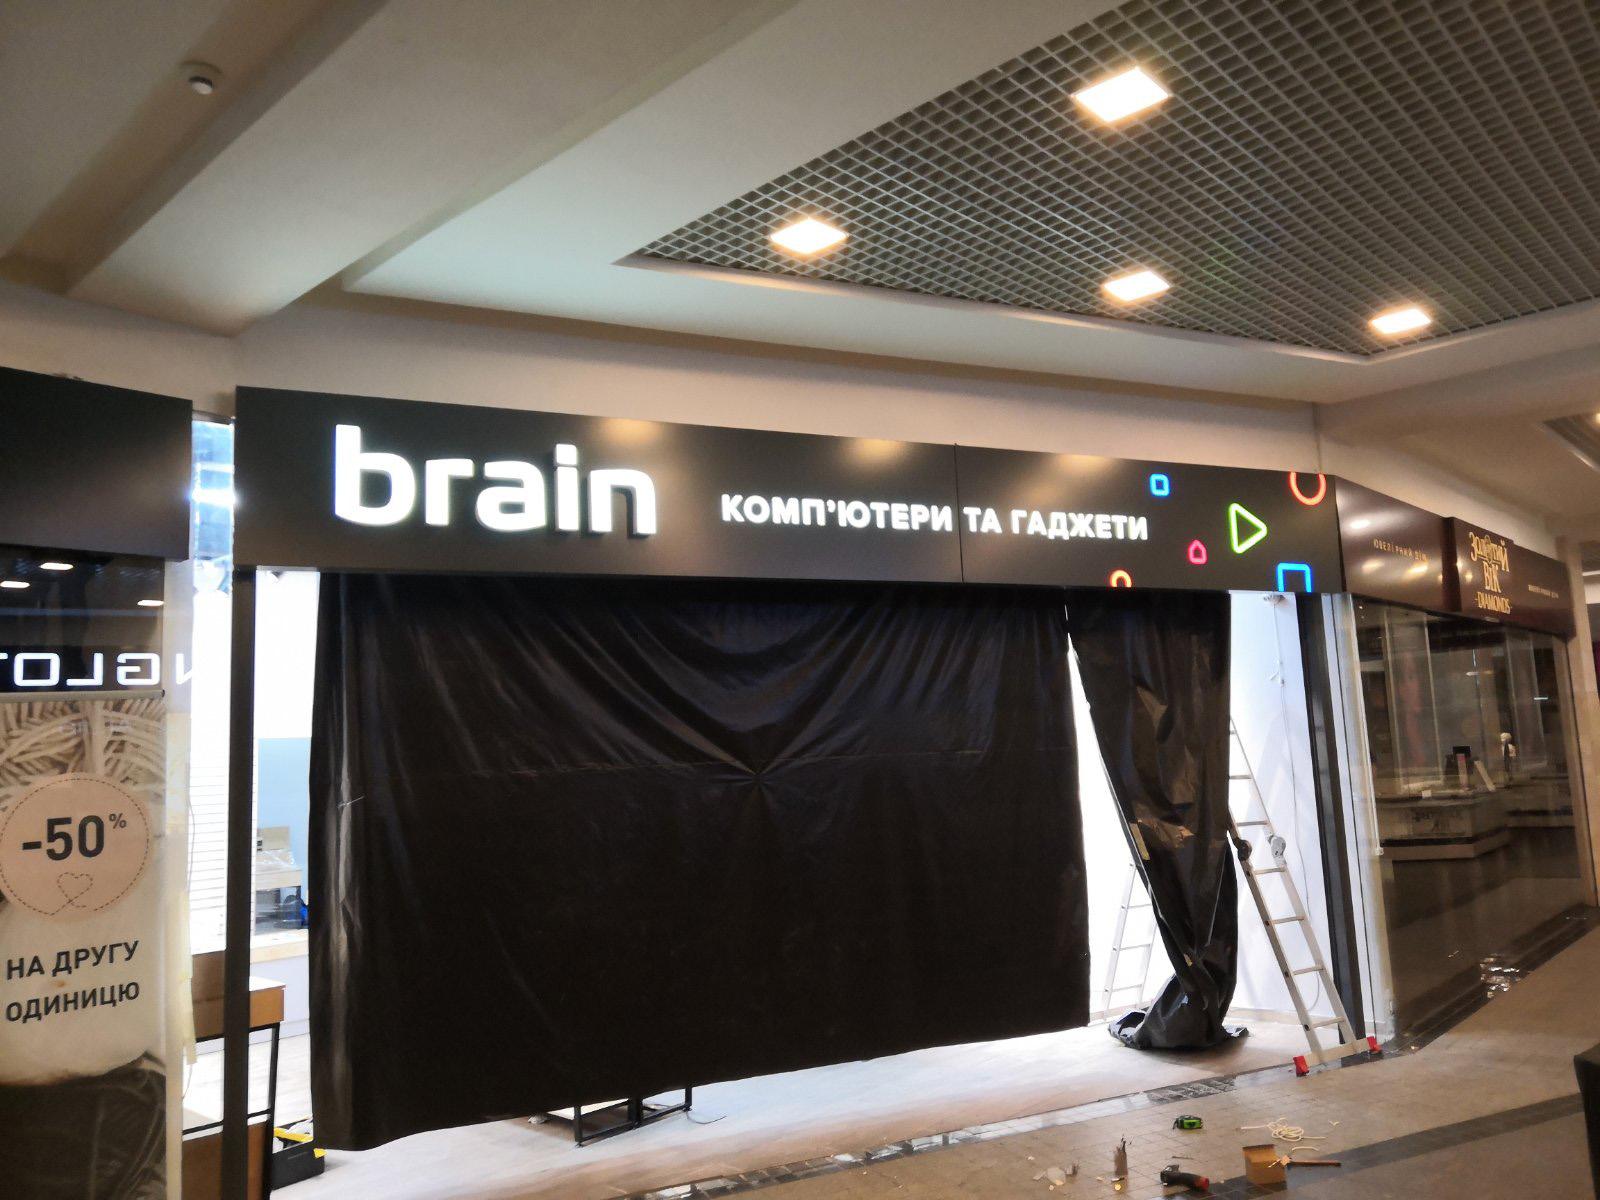 Вывеска на магазин Brain